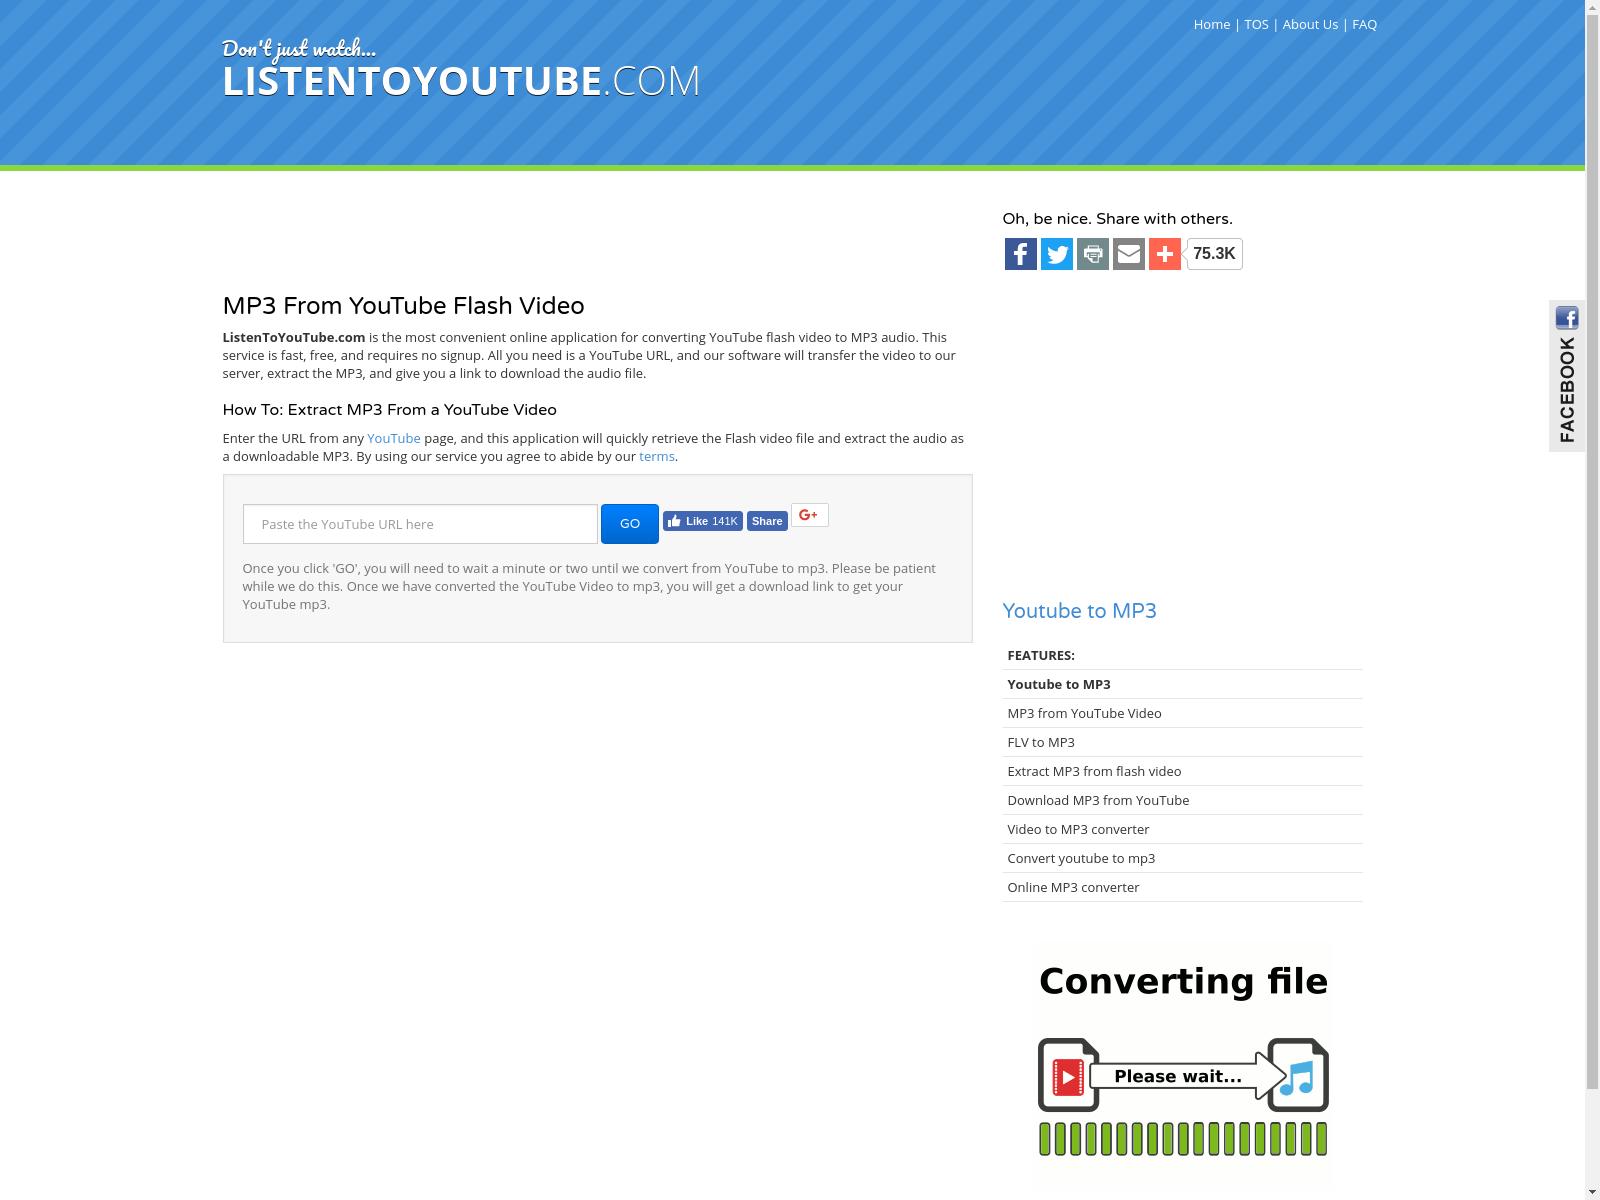 www listentoyoutube com